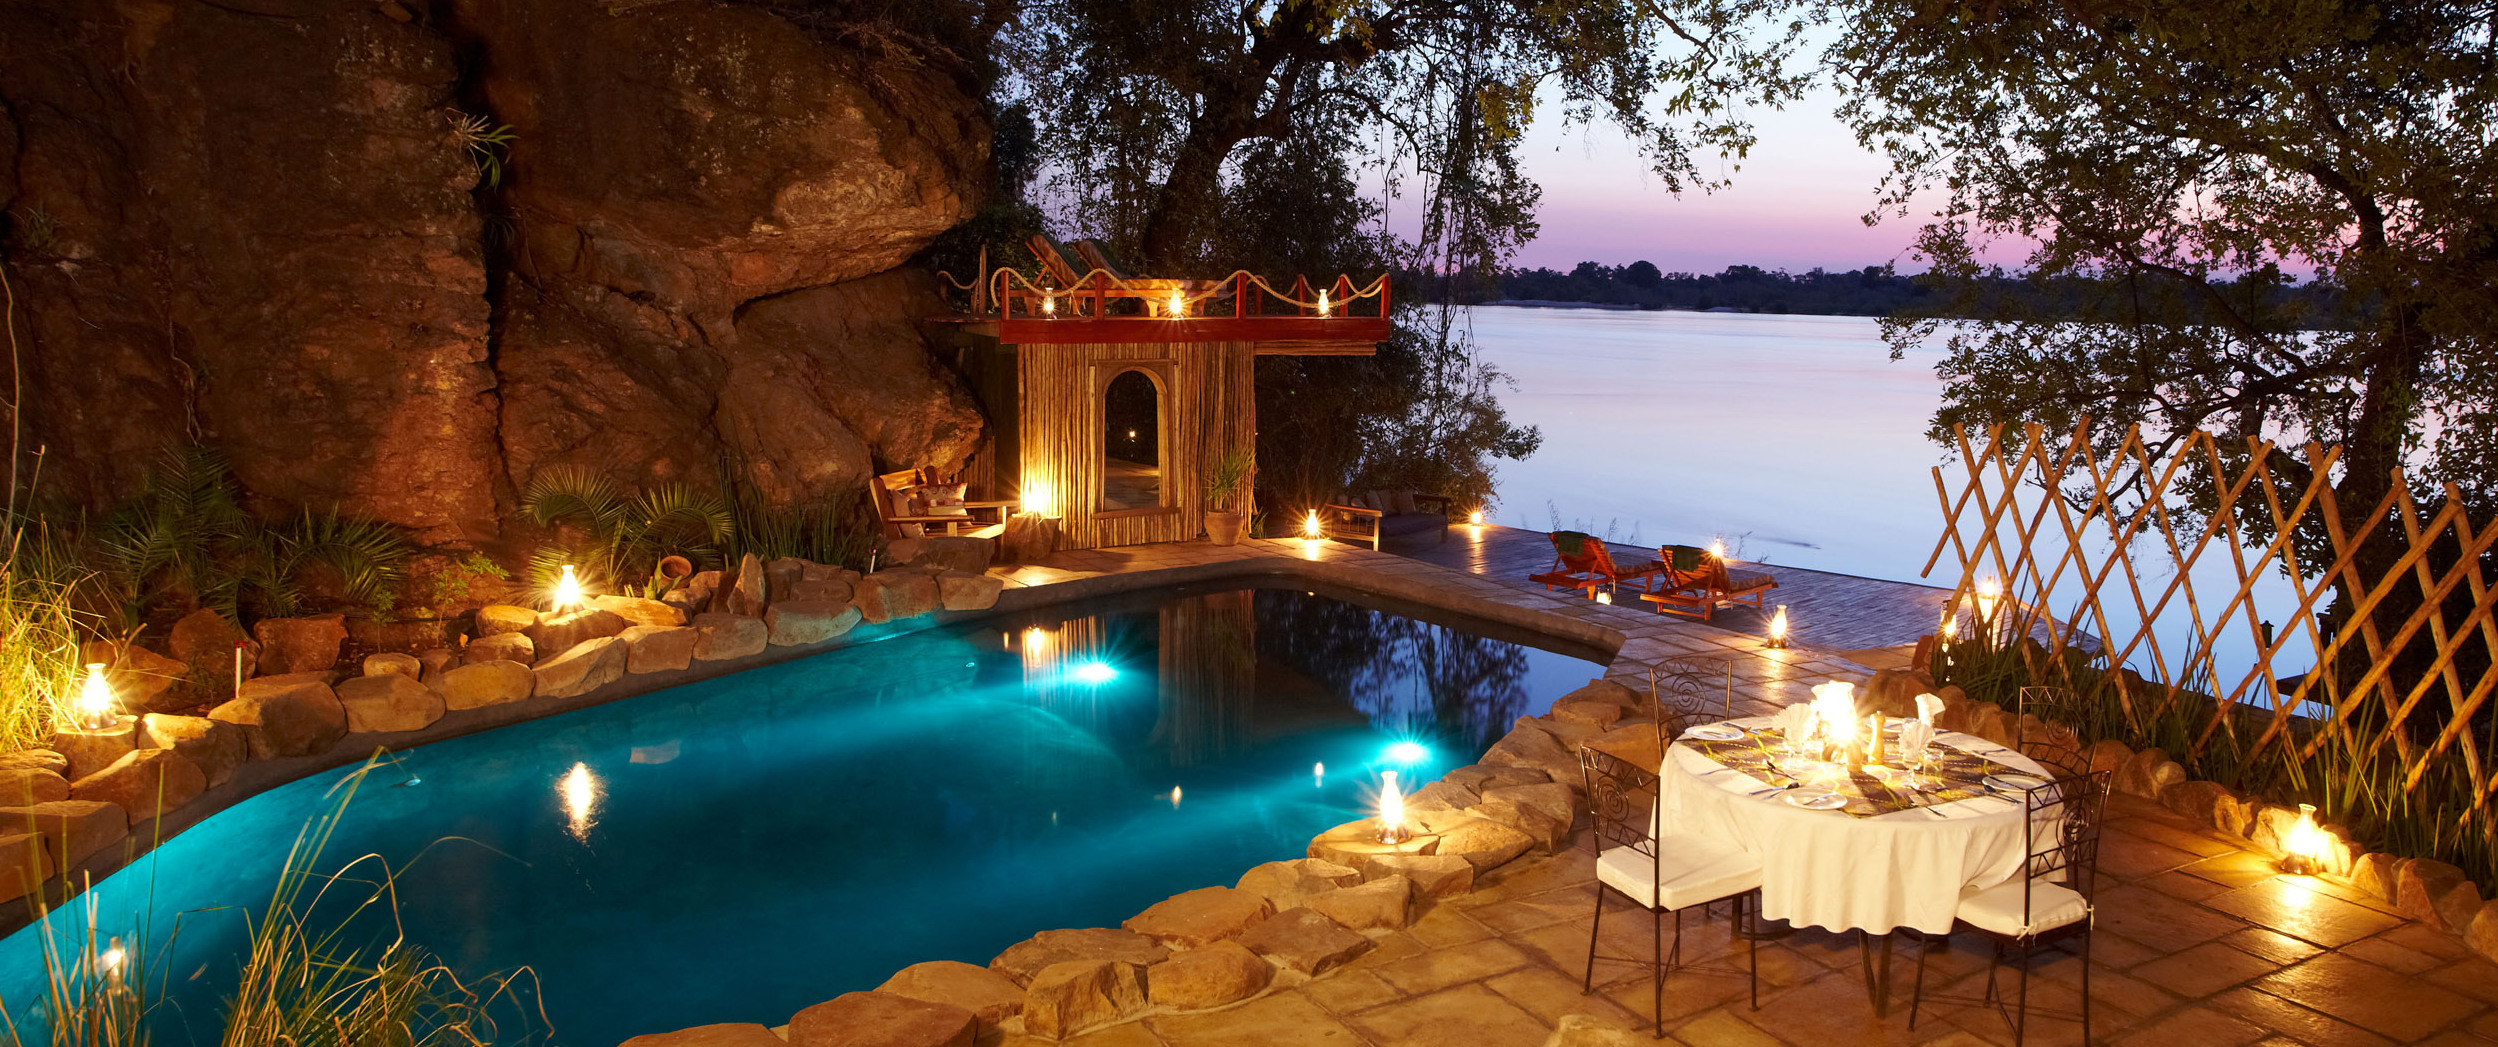 tongabezi-lodge-poolside-dining